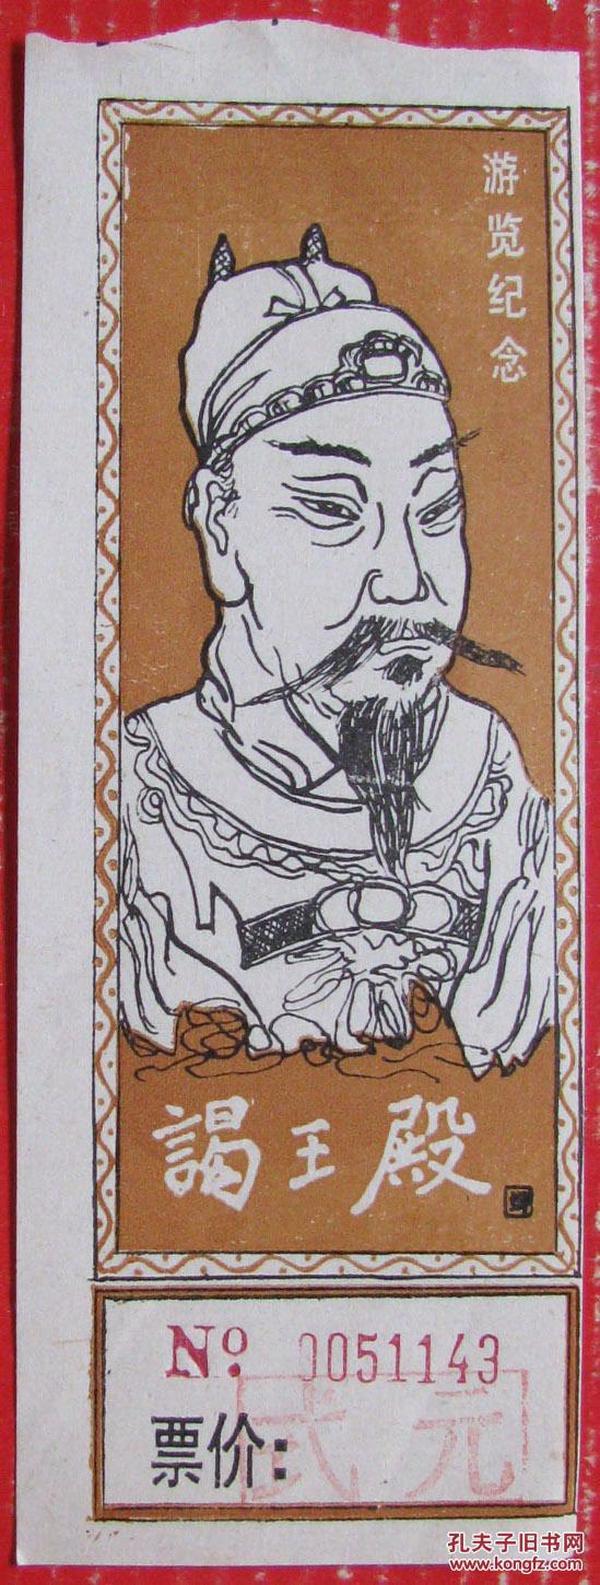 浙江谒王殿2元--早期旅游门票甩卖--实物拍照--永远保真,